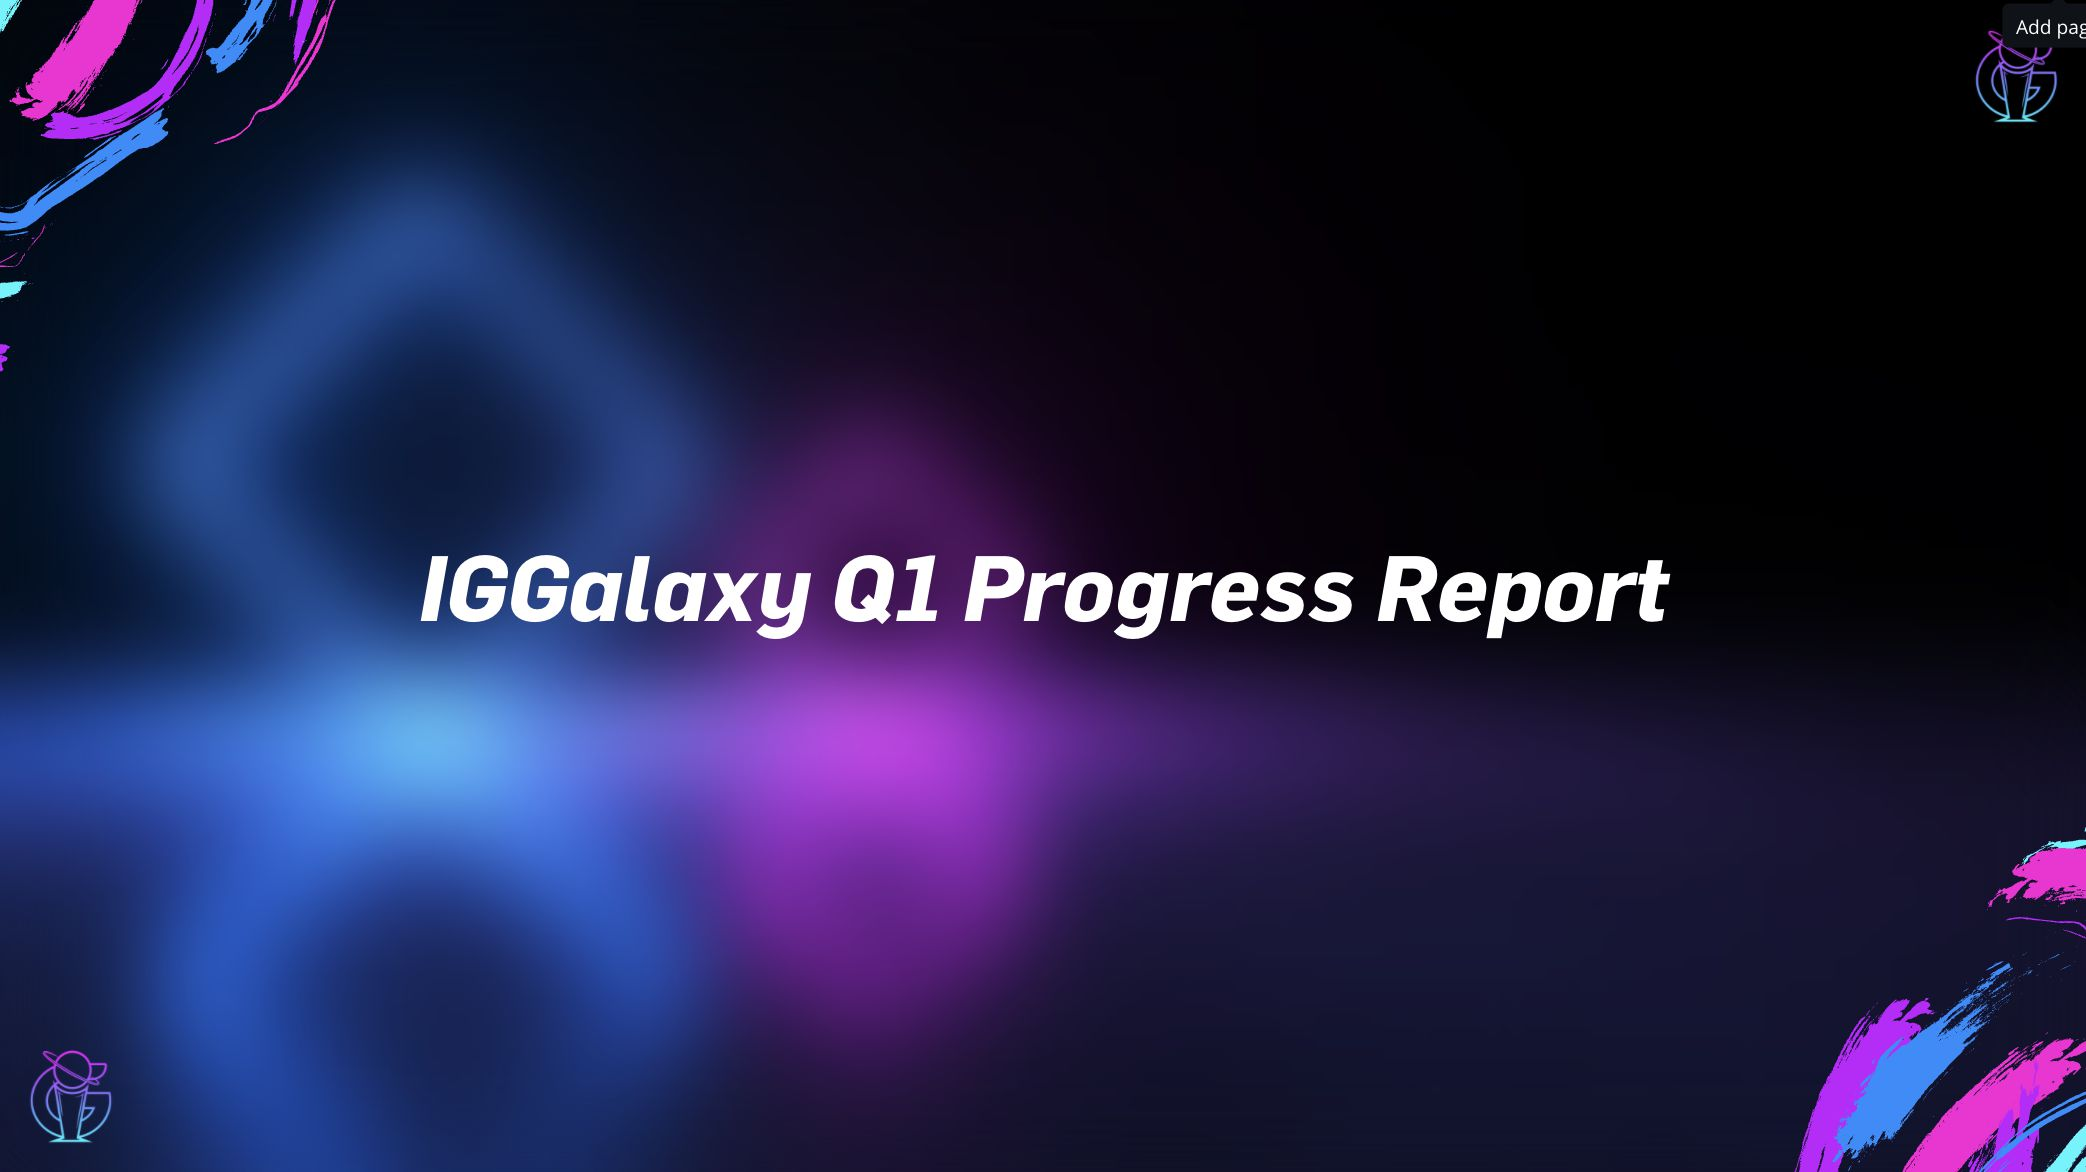 IGGalaxy Q1 Progress Report.